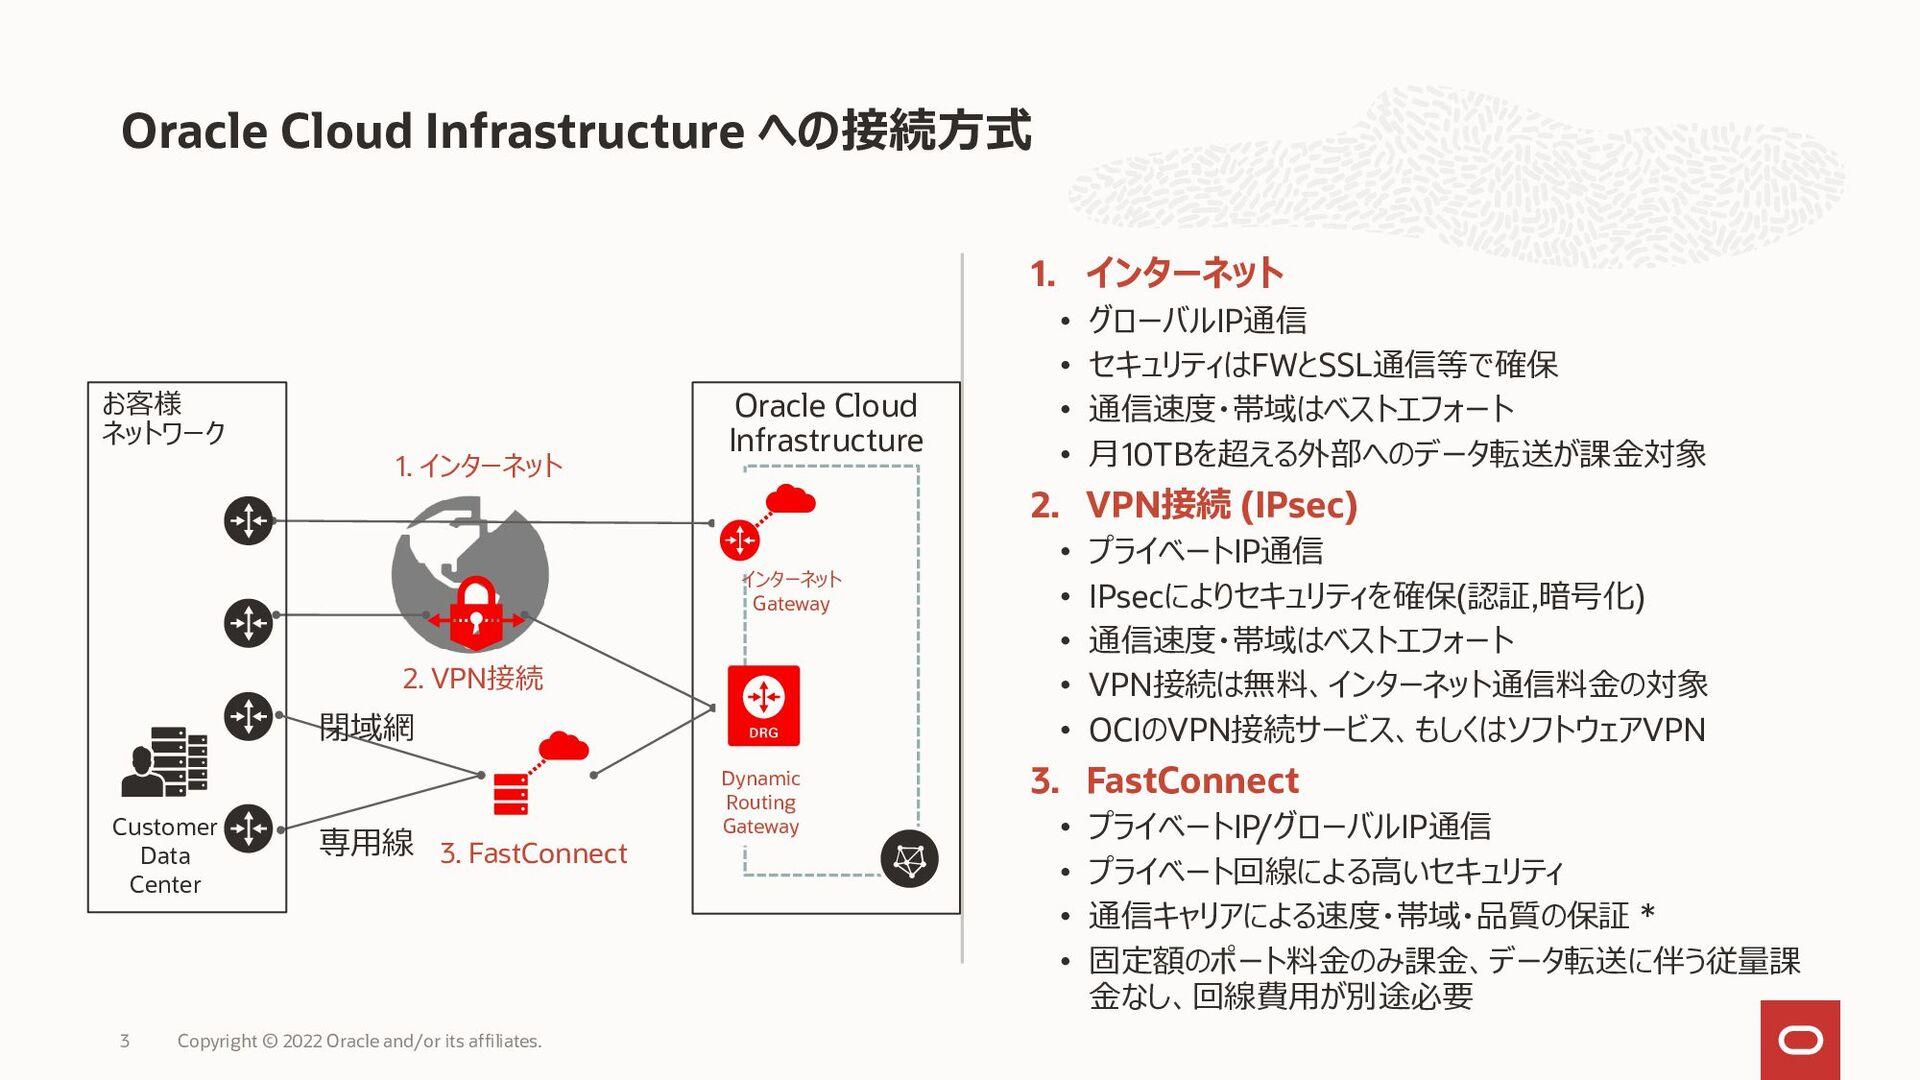 1. • IP • FW SSL • • 10TB 2. VPN (IPsec) • IP •...